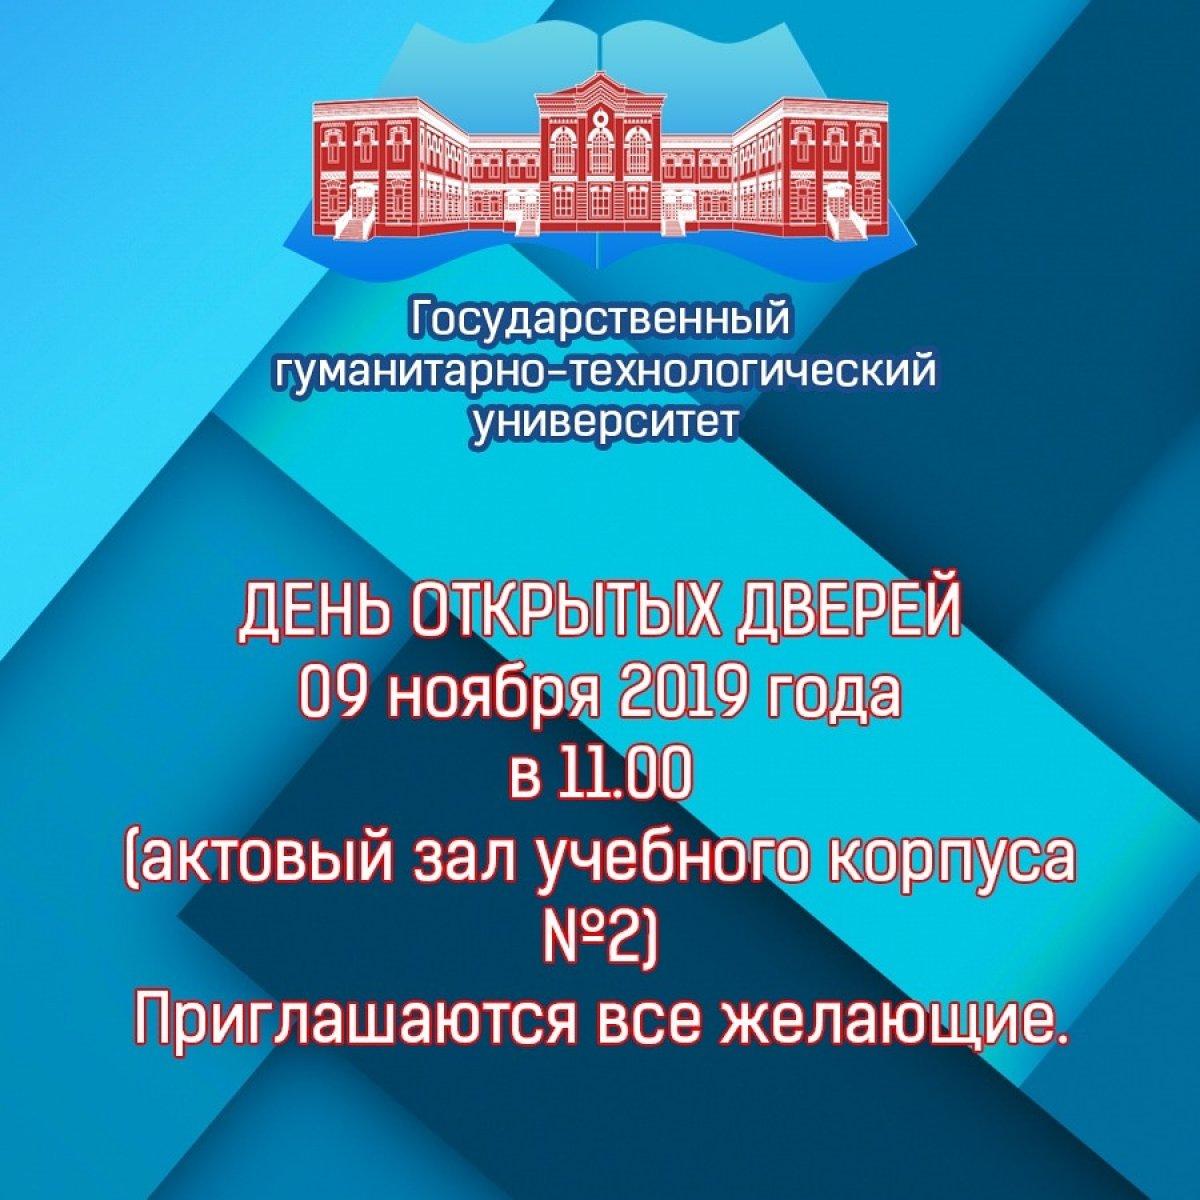 Государственный гуманитарно-технологический университет